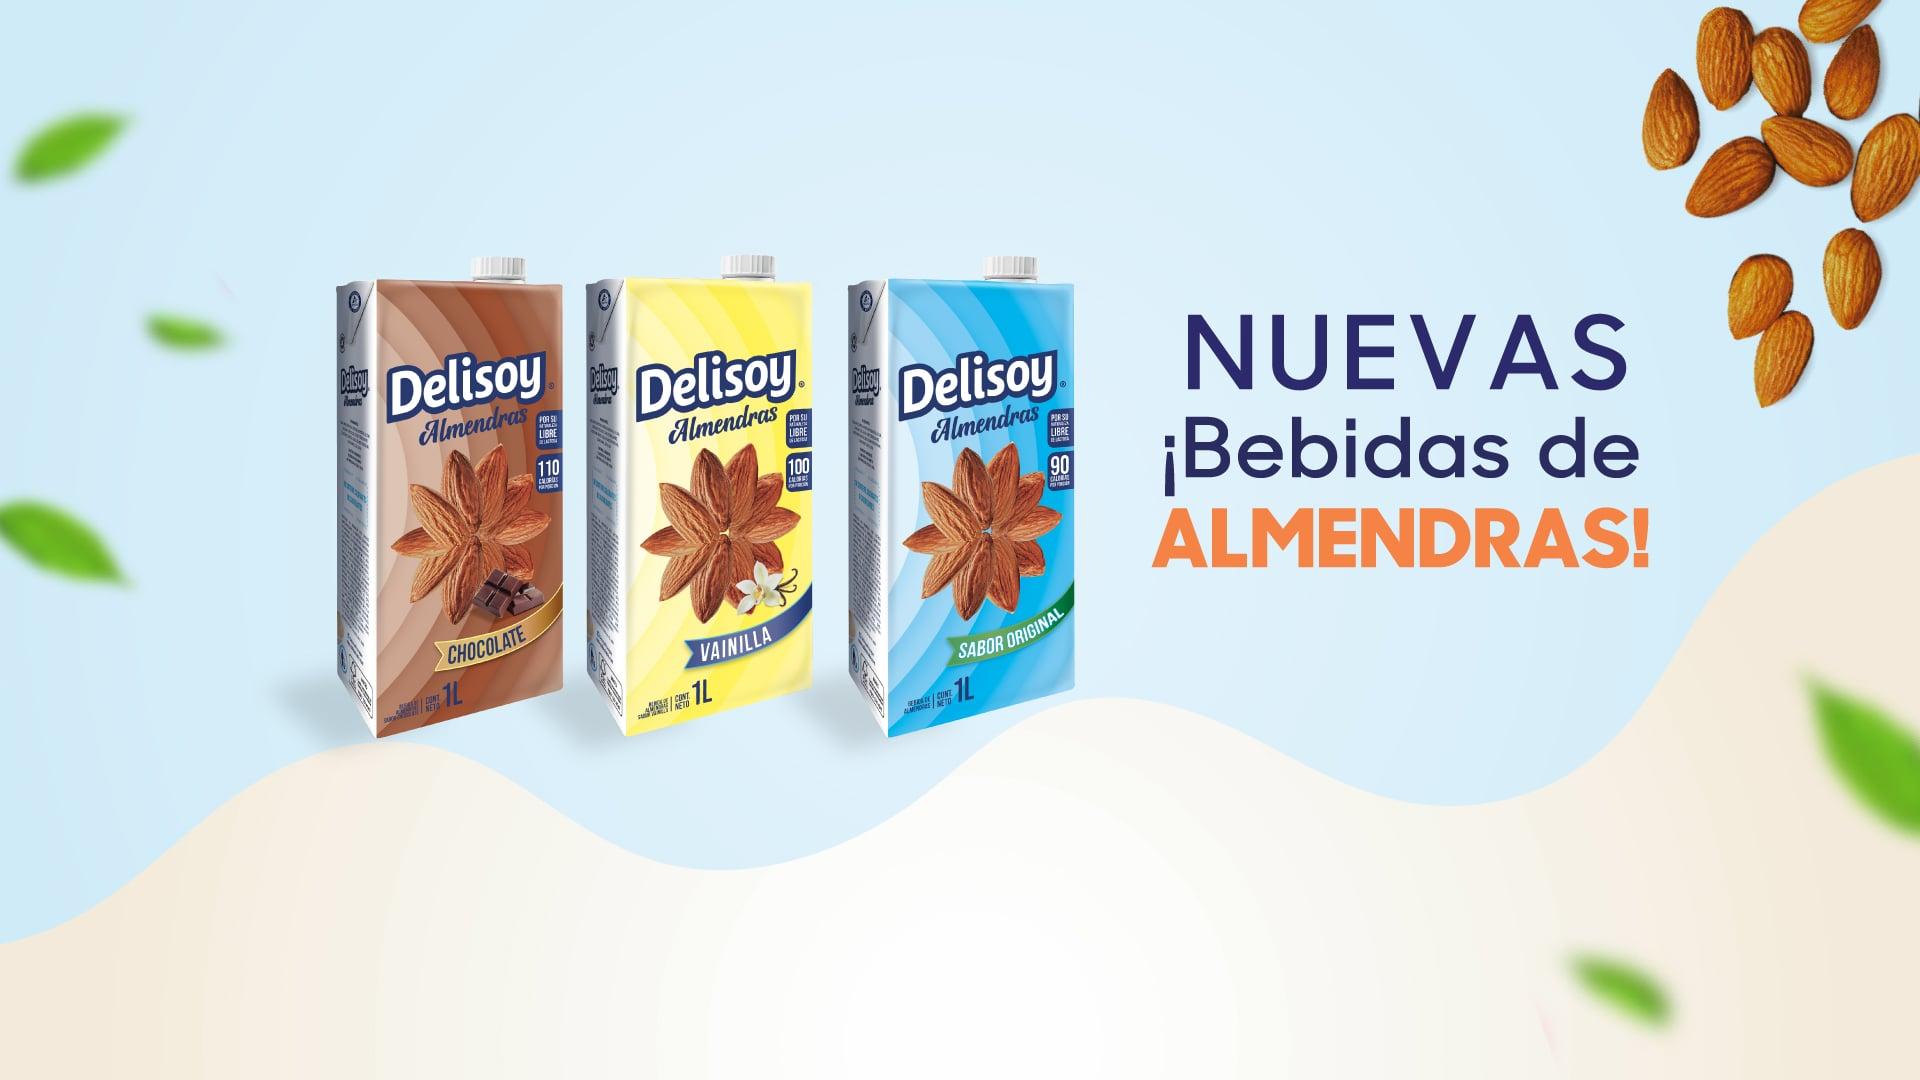 Delisoy Nuevas Bebidas de Almendras